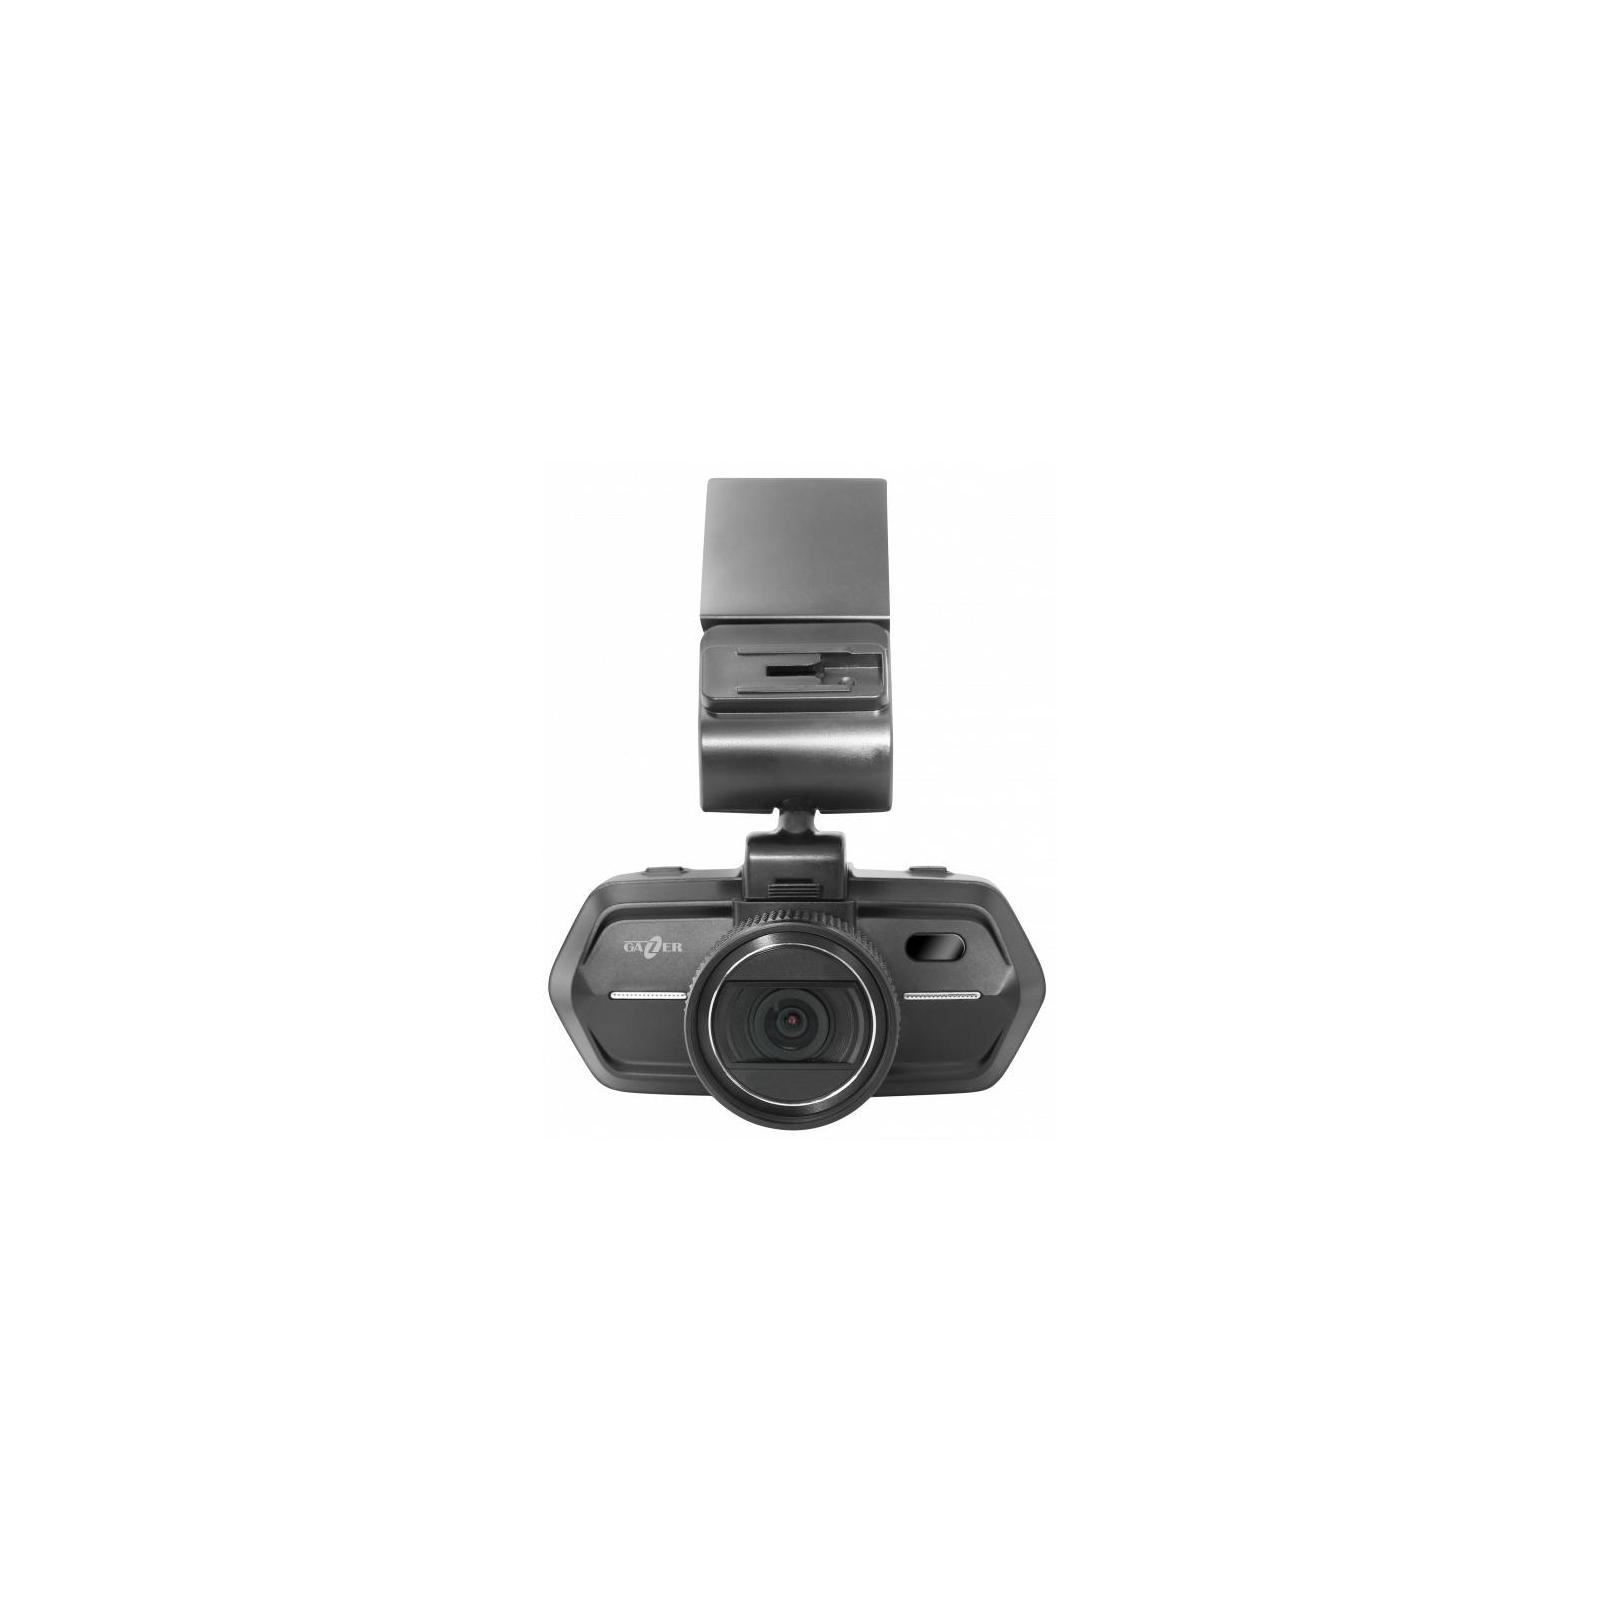 Видеорегистратор Gazer F230w изображение 2